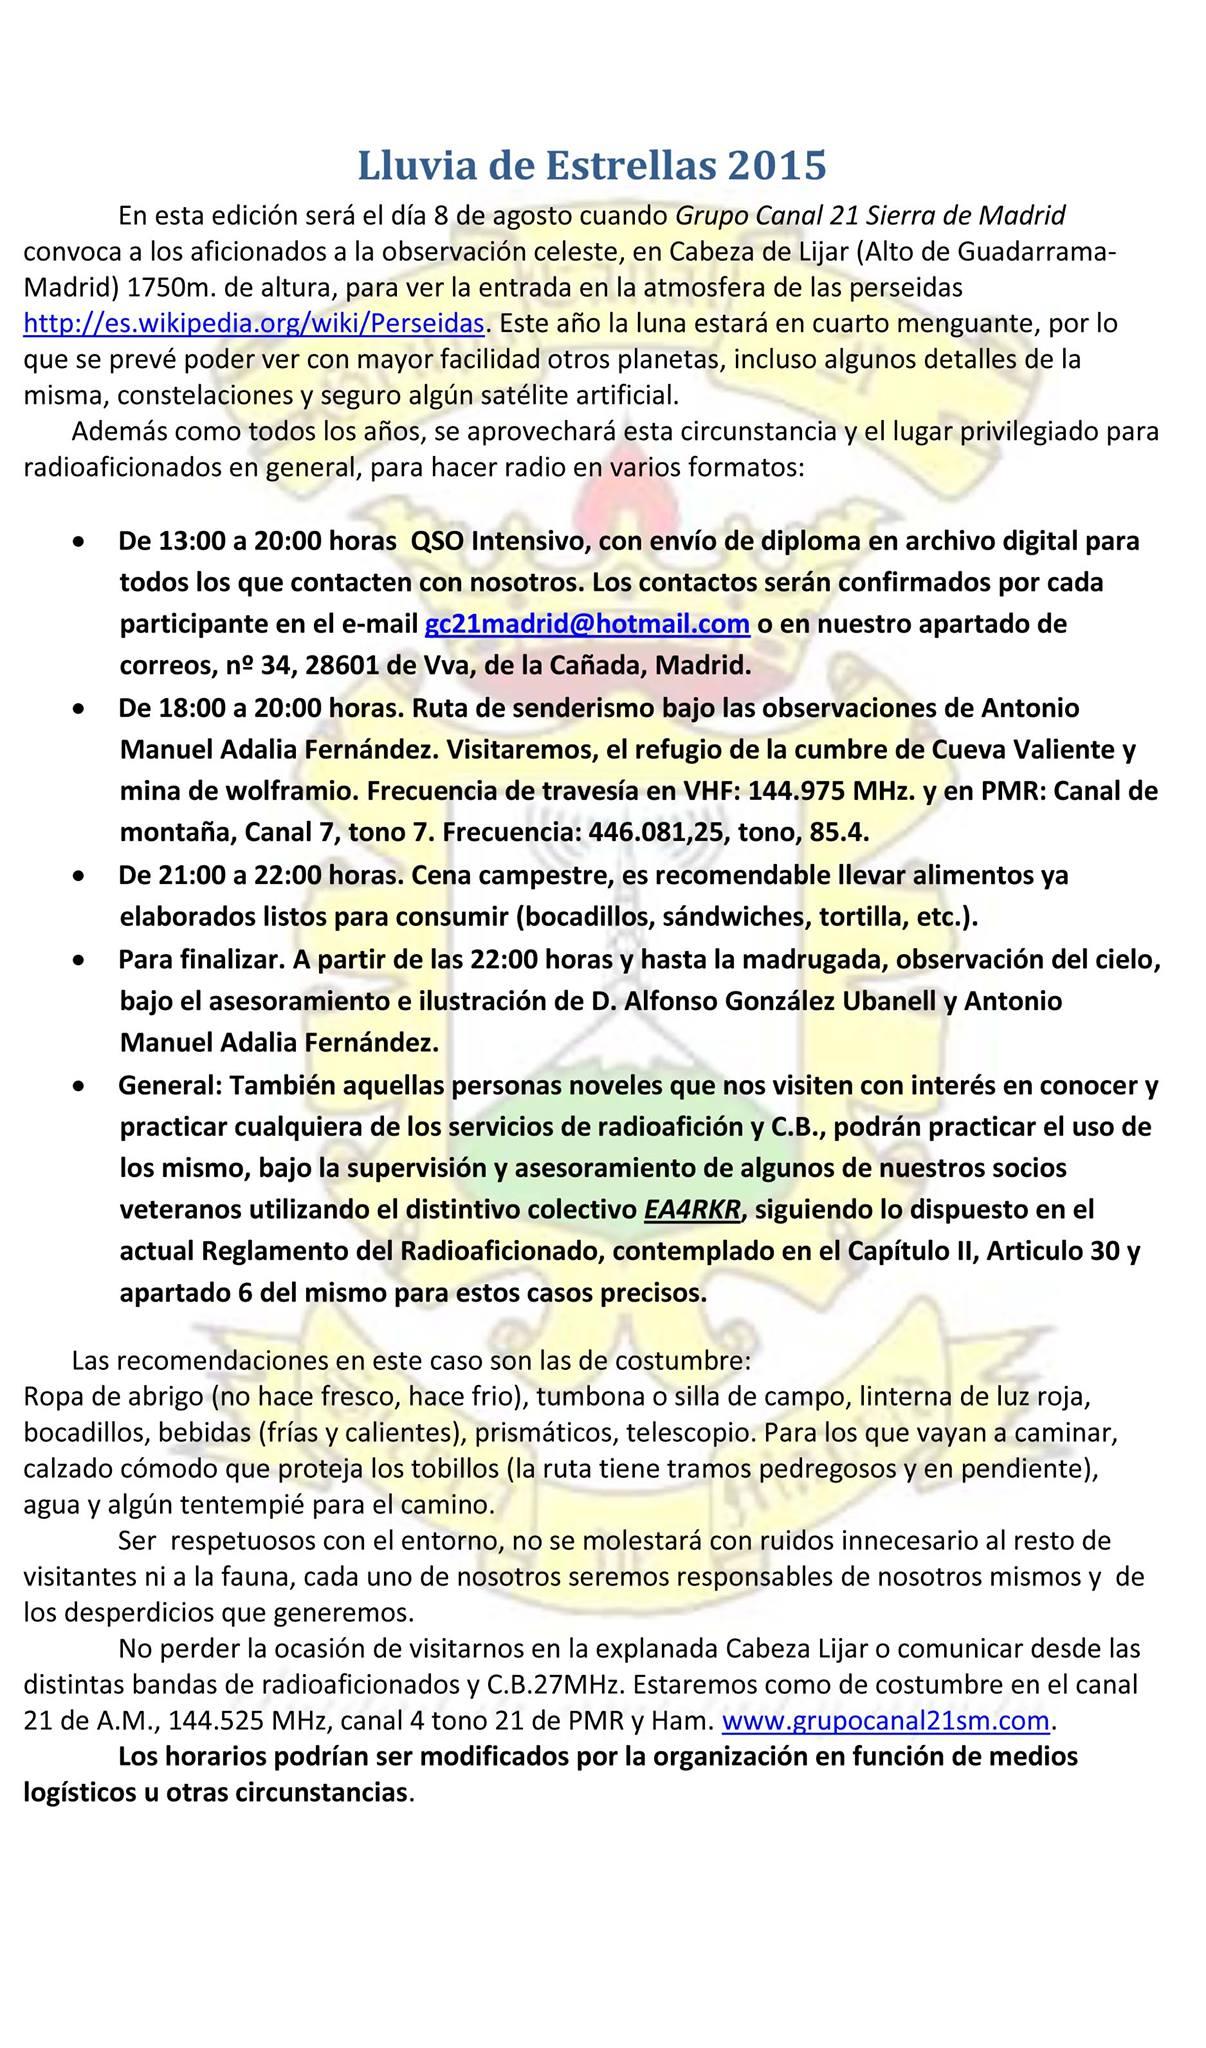 Convocatoria del Grupo Canal 21 Sierra de Madrid